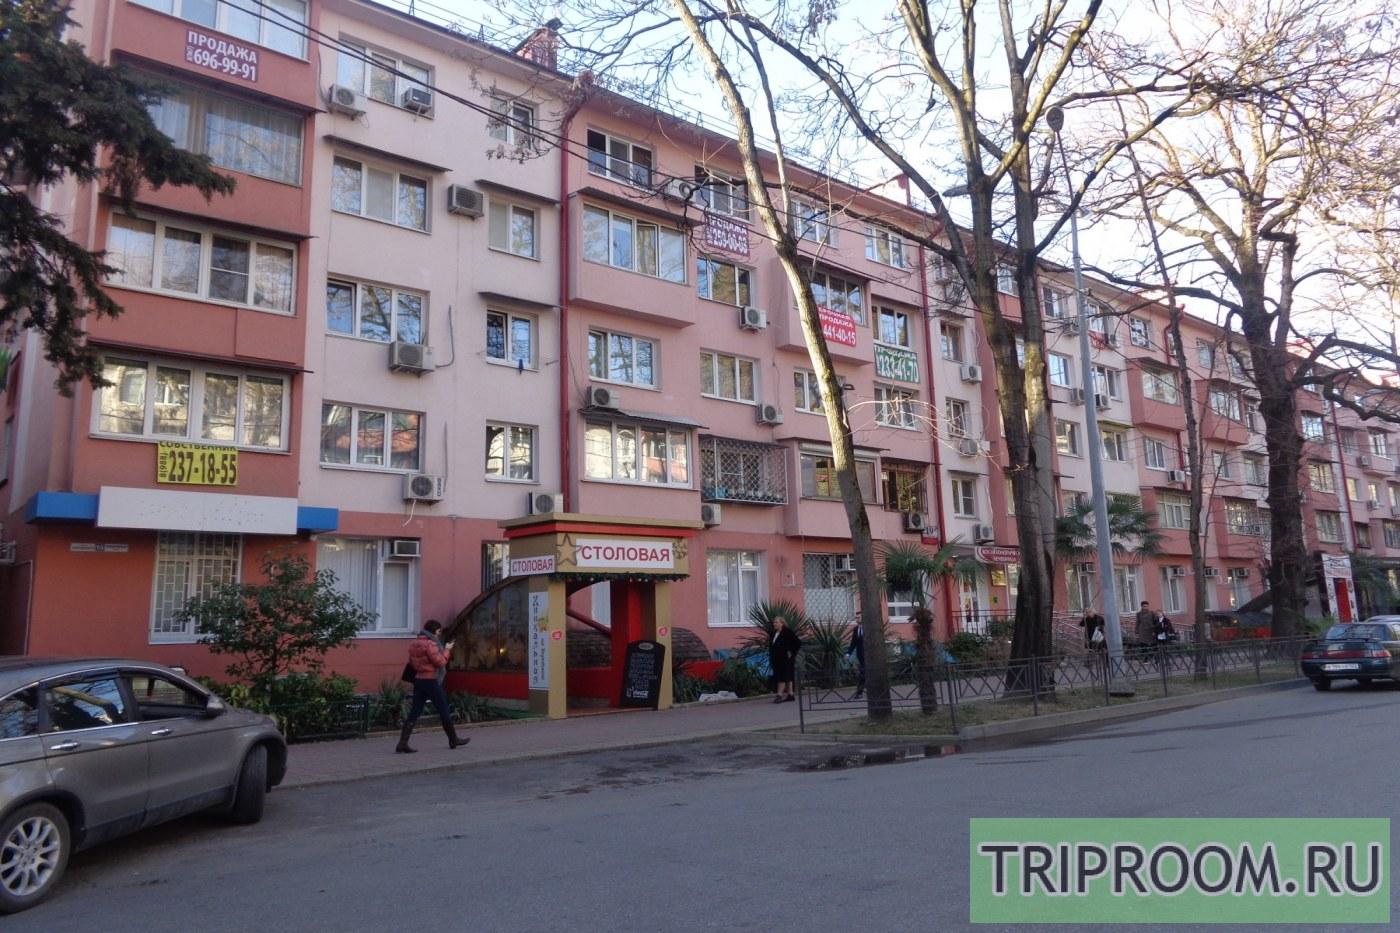 2-комнатная квартира посуточно (вариант № 6980), ул. Воровского улица, фото № 16